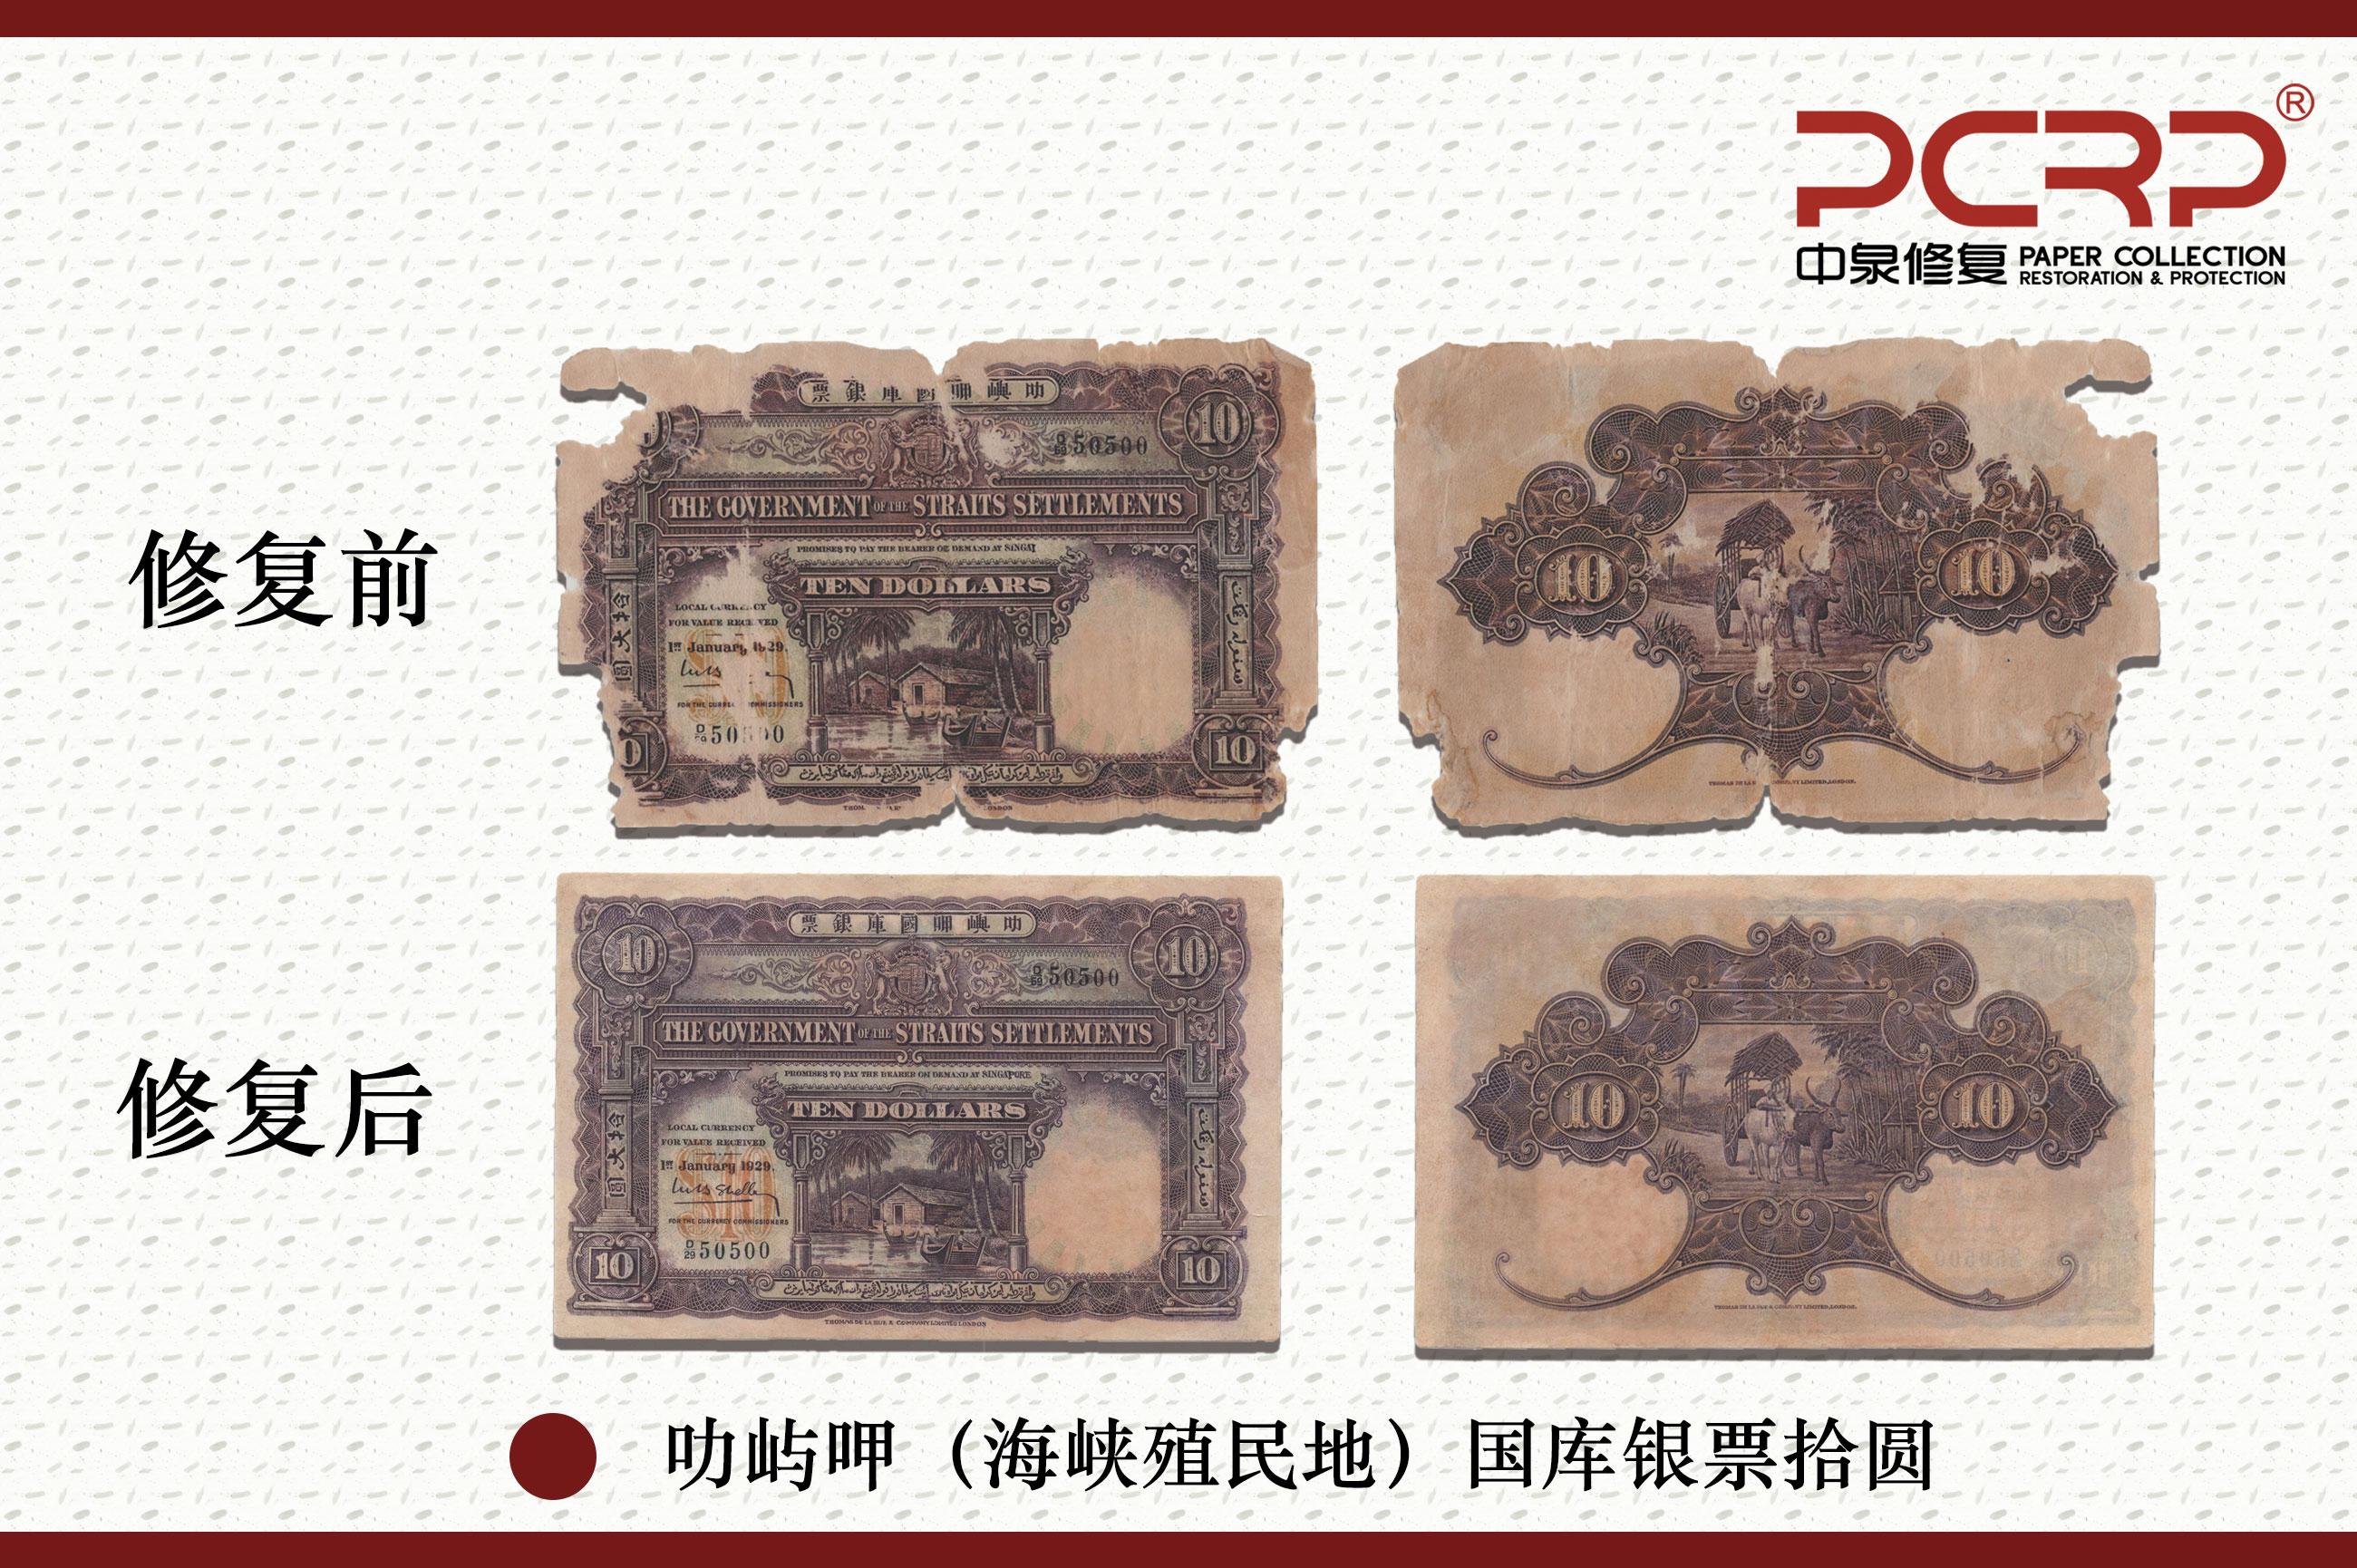 叻屿呷(海峡殖民地)国库银票拾圆修复